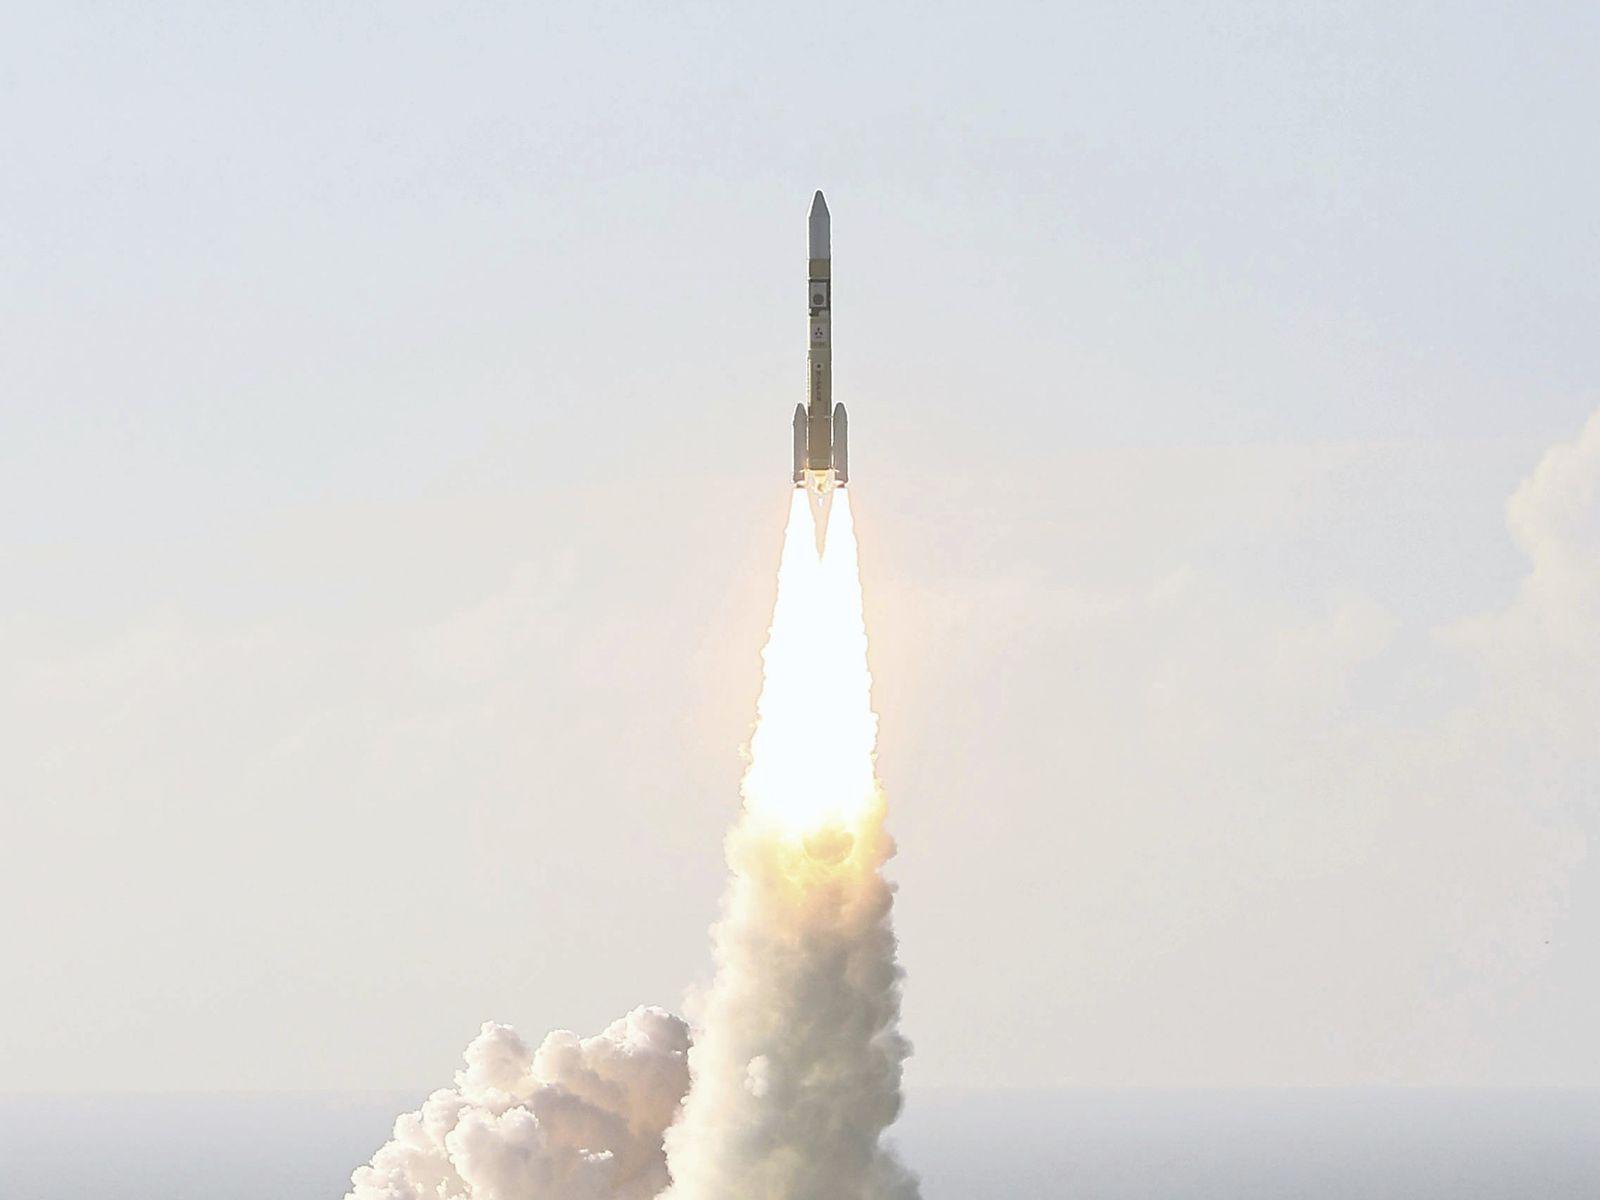 Première mission émiratie sur Mars, source d'inspiration pour les jeunes générations